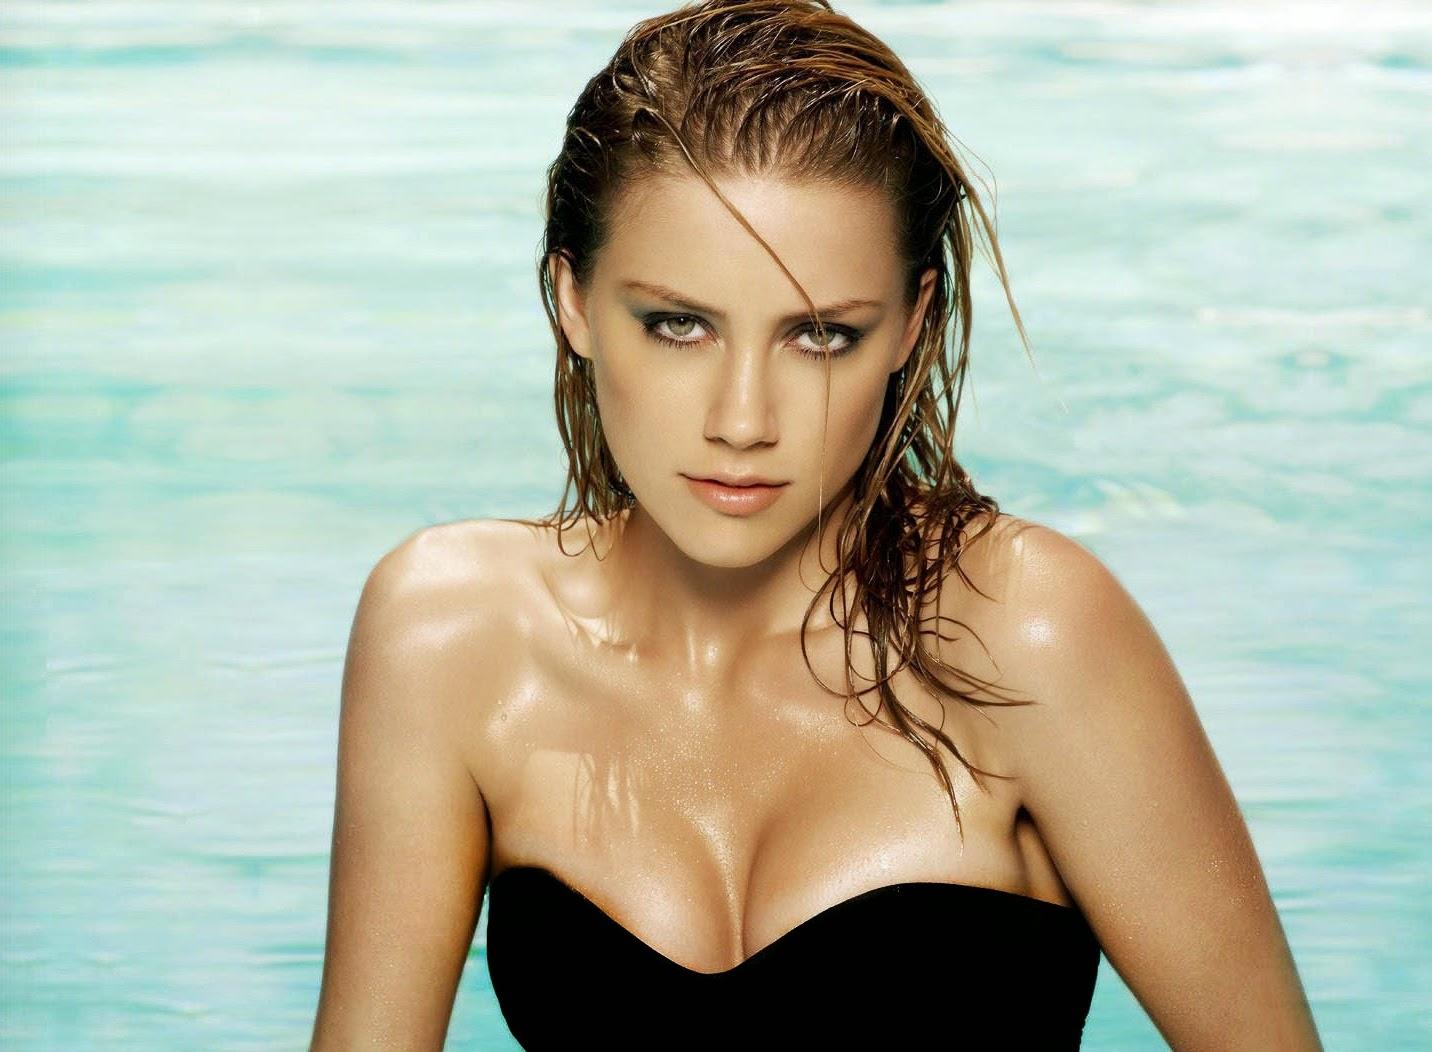 most hot pics of actress